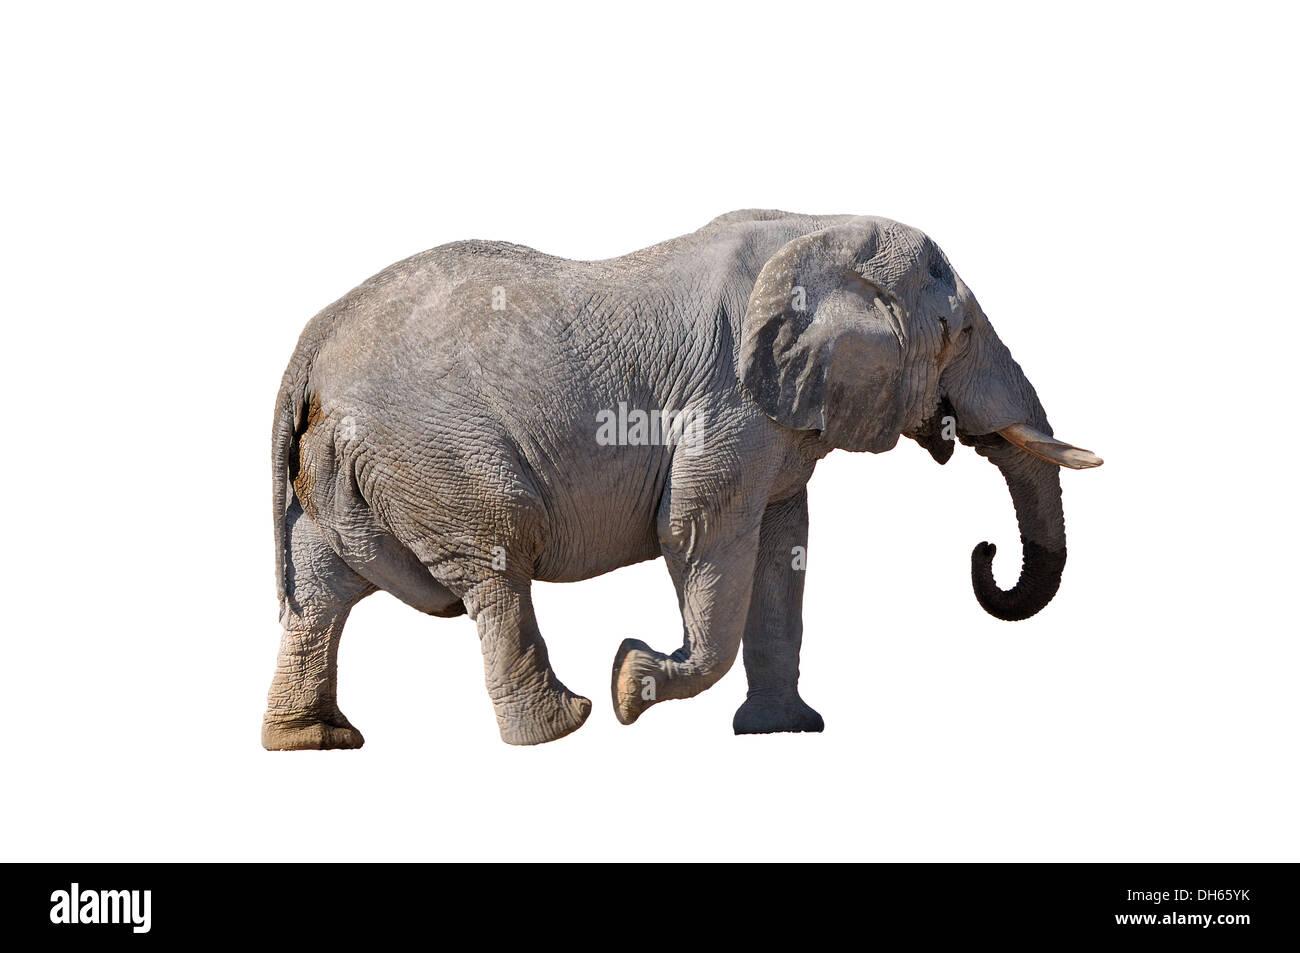 Elephant walking in the Etosha National Park, Namibia - Stock Image